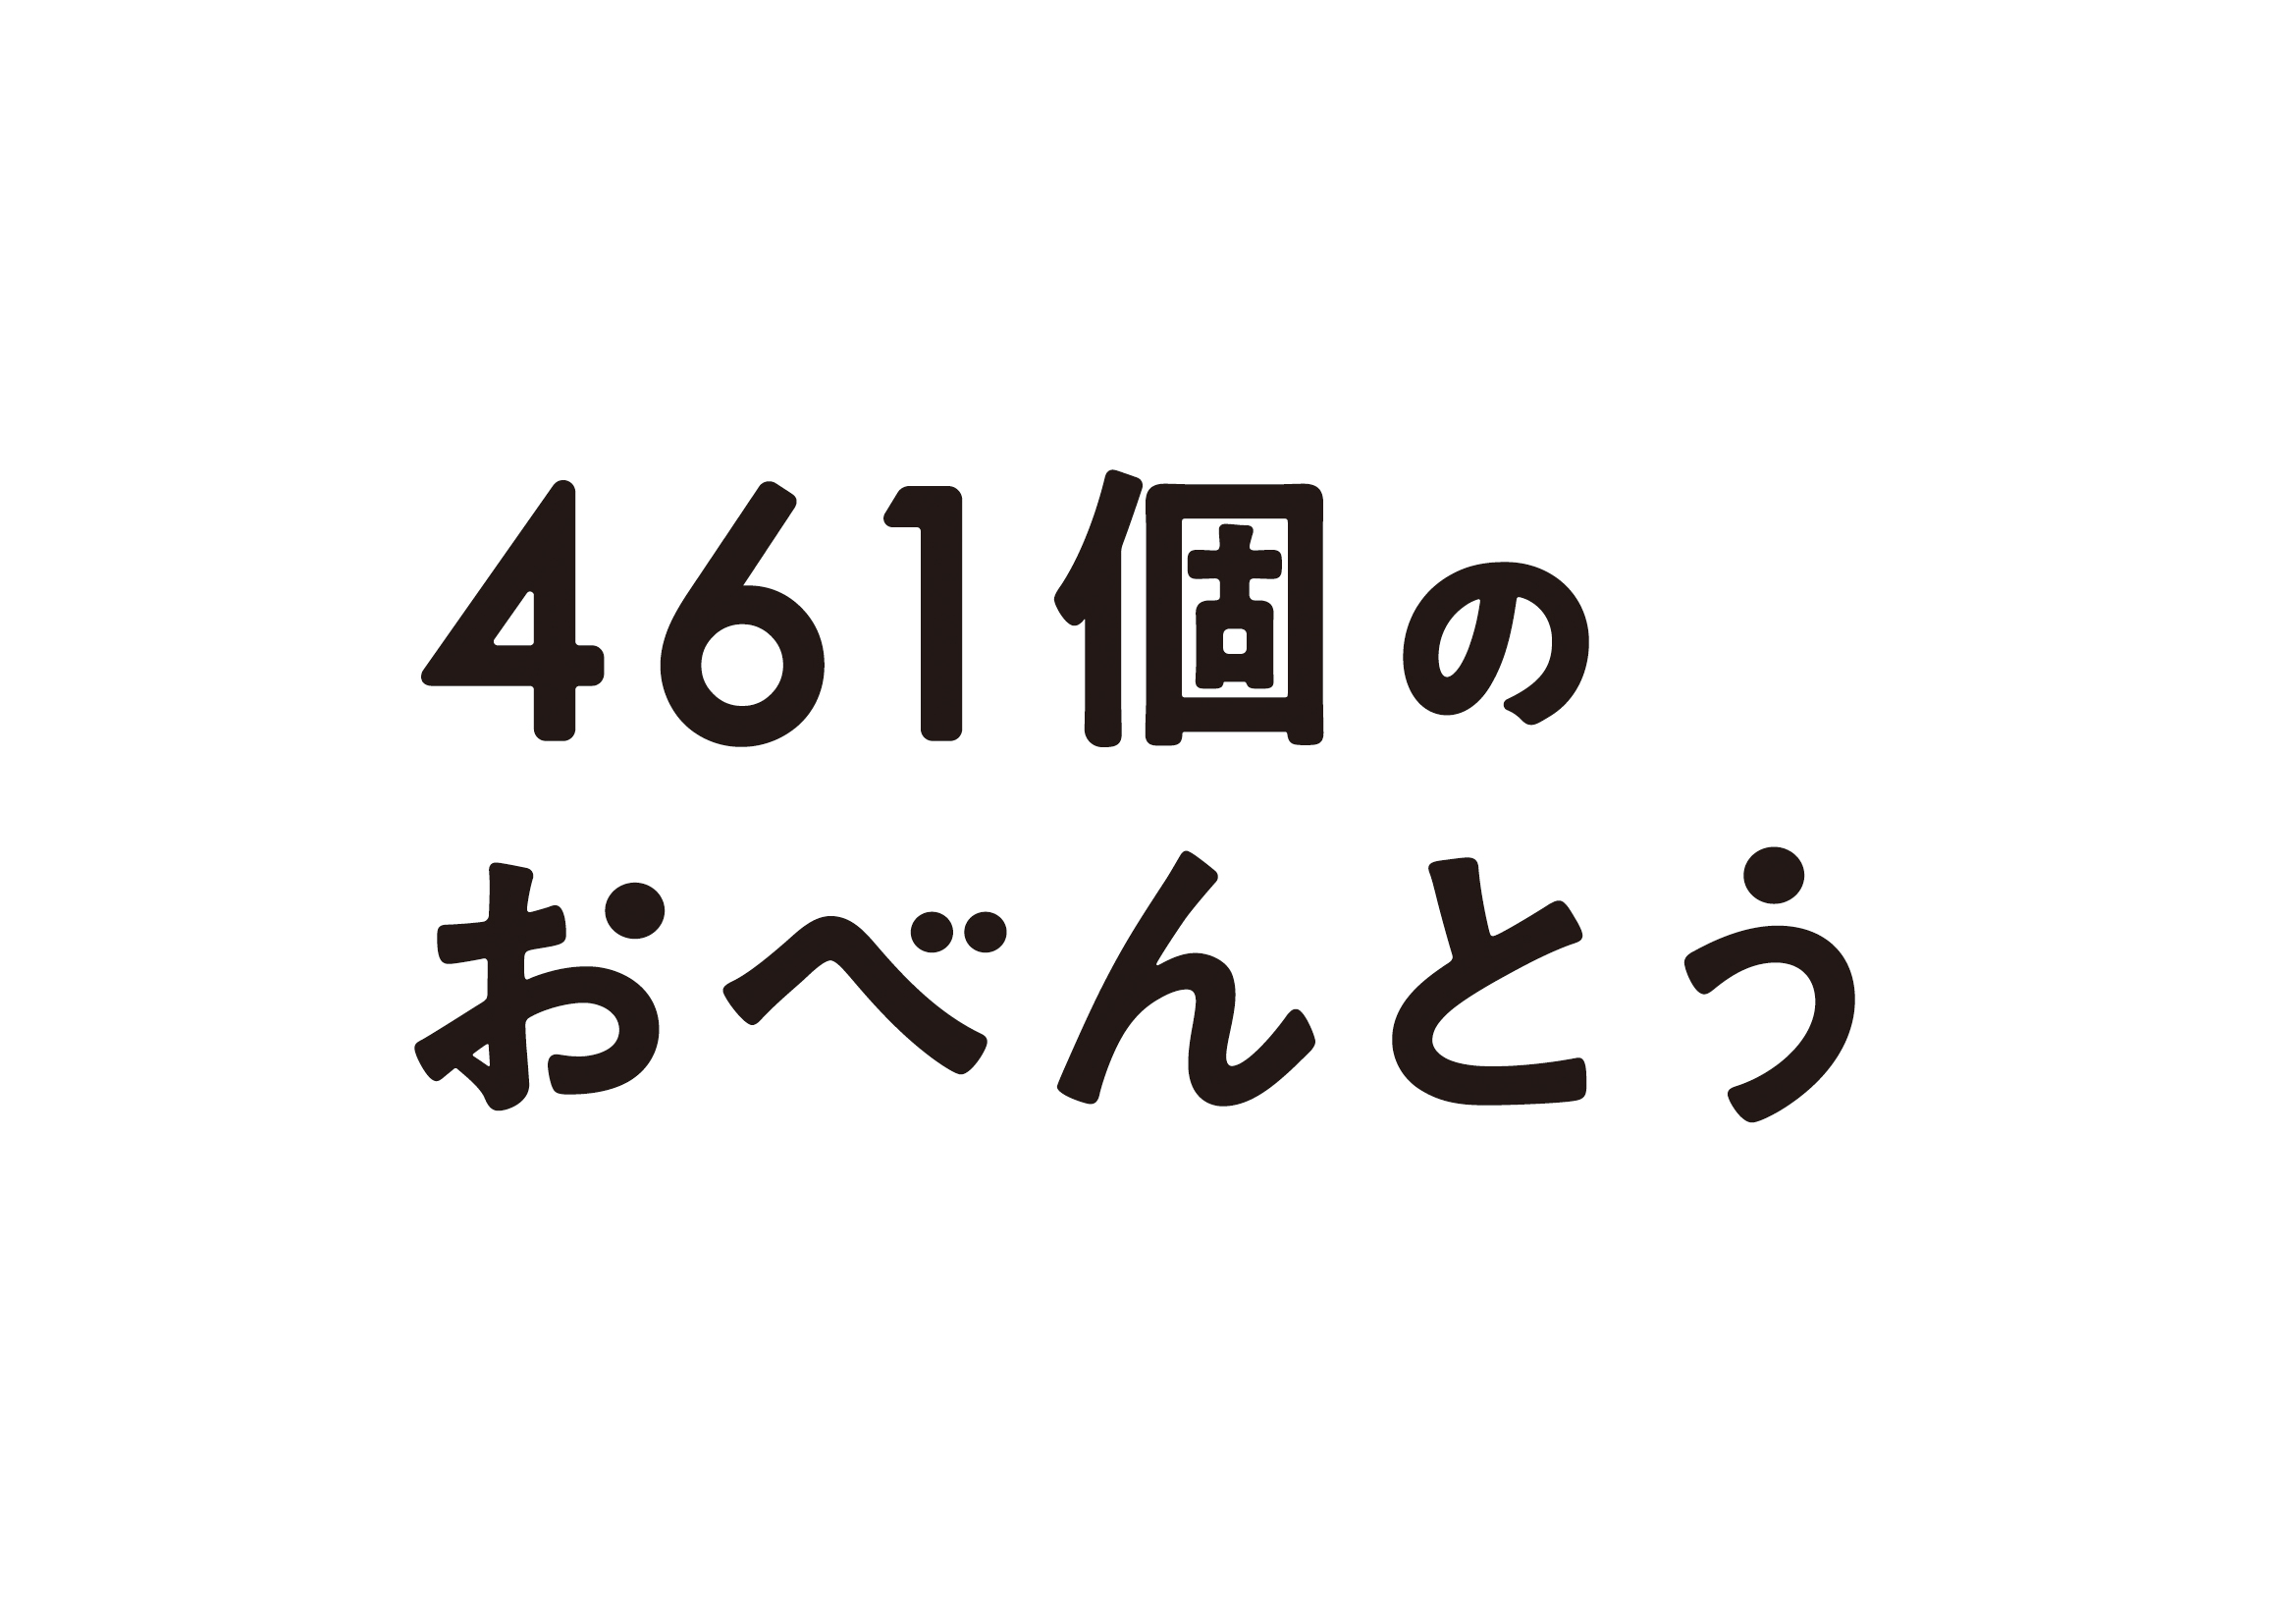 Ⓒ2020「461個のおべんとう」製作委員会